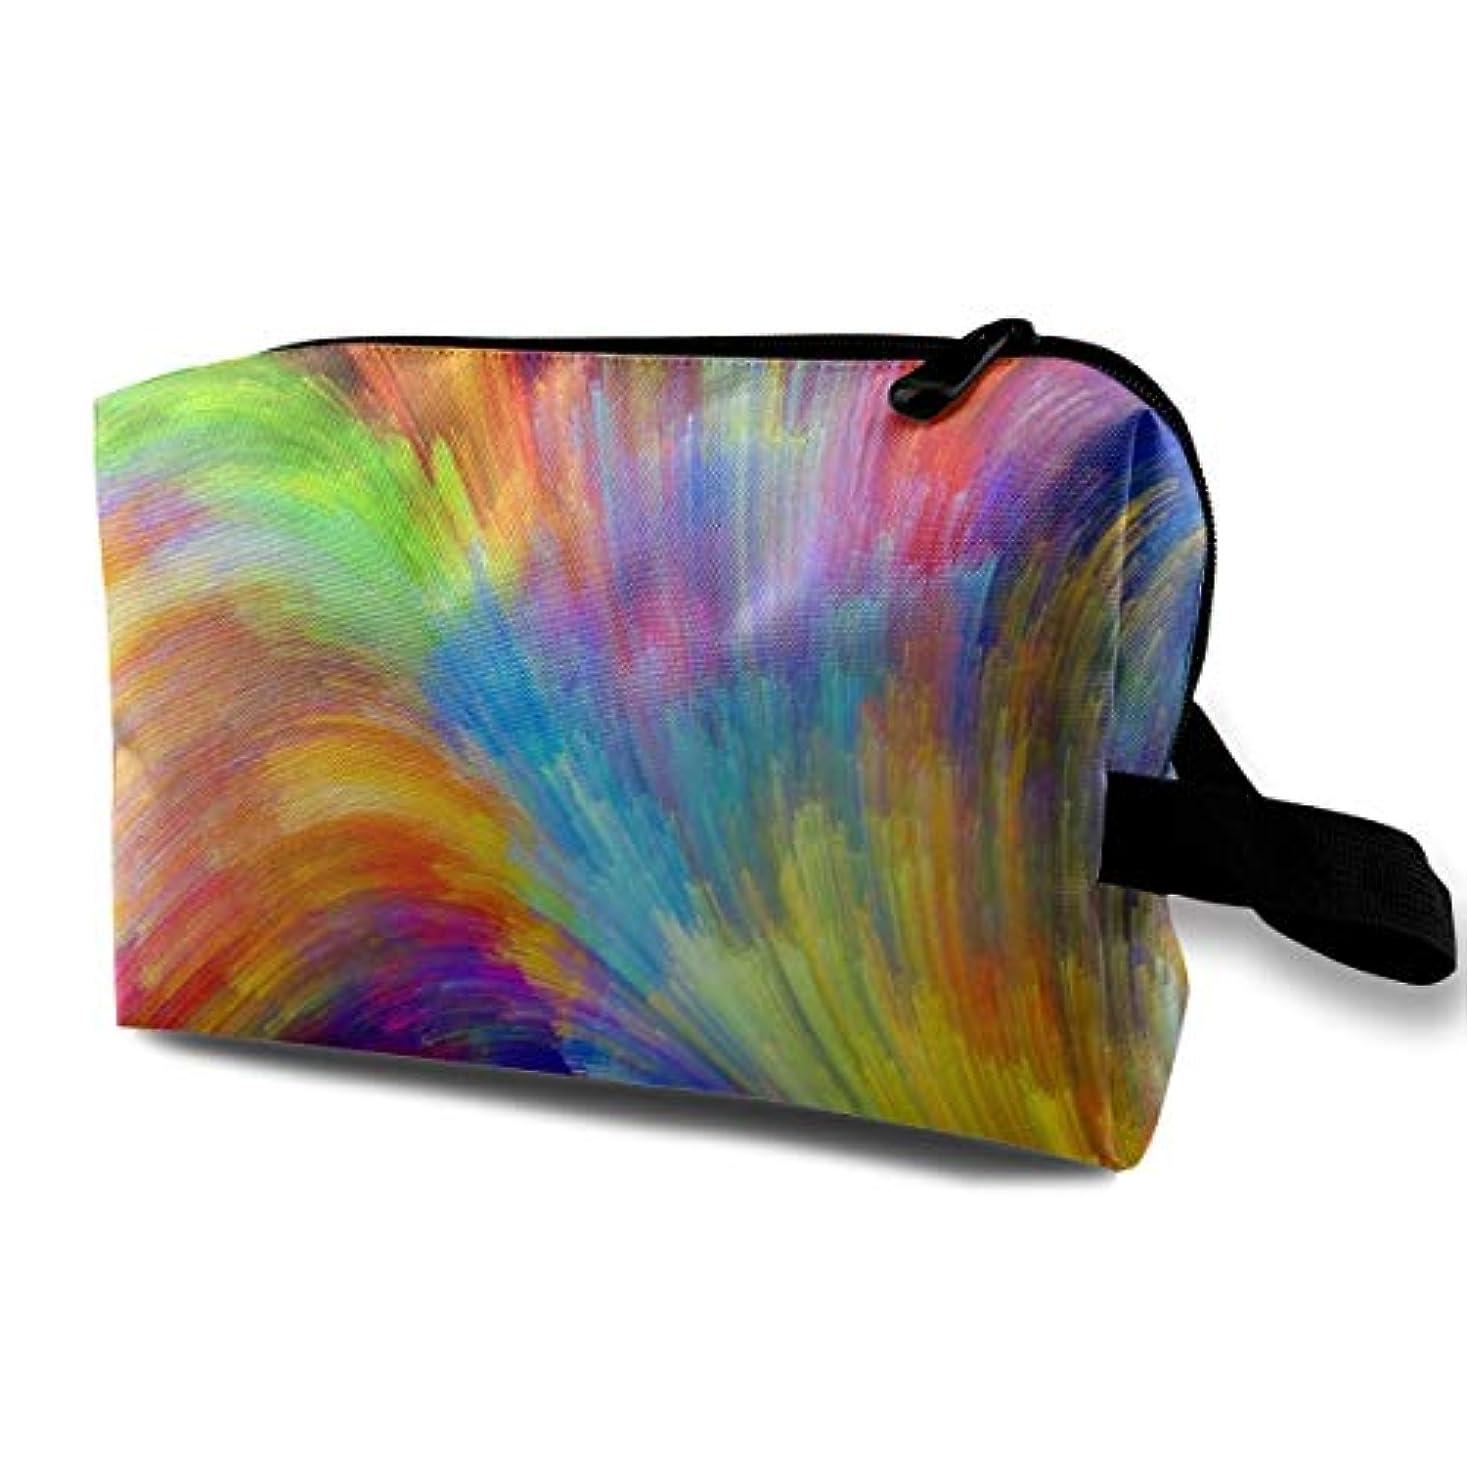 天のハイキングに行く多年生Fractal Rainbow Ocean 収納ポーチ 化粧ポーチ 大容量 軽量 耐久性 ハンドル付持ち運び便利。入れ 自宅?出張?旅行?アウトドア撮影などに対応。メンズ レディース トラベルグッズ